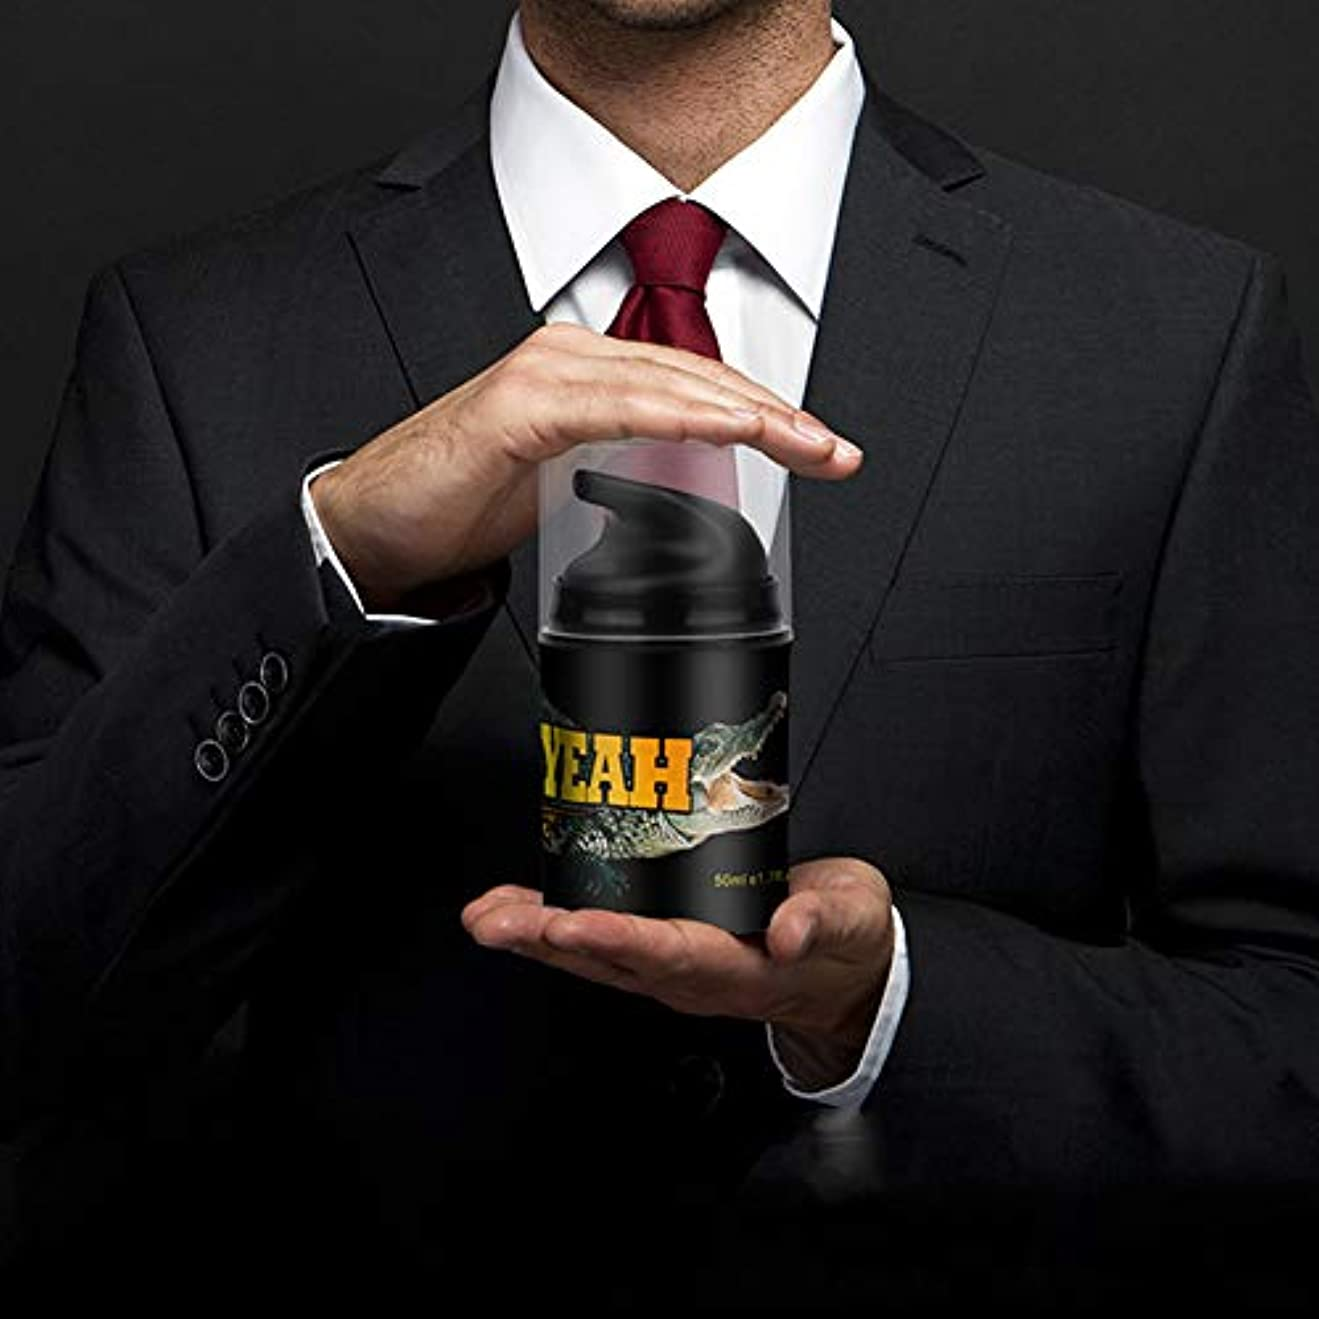 大いに傾斜パッドRabugoo 大人のおもちゃ ハーブ拡大ペニス拡大クリーム潤滑剤ゲル50ミリリットル男性ペニスエンハンサービッグコック増粘成長軟膏